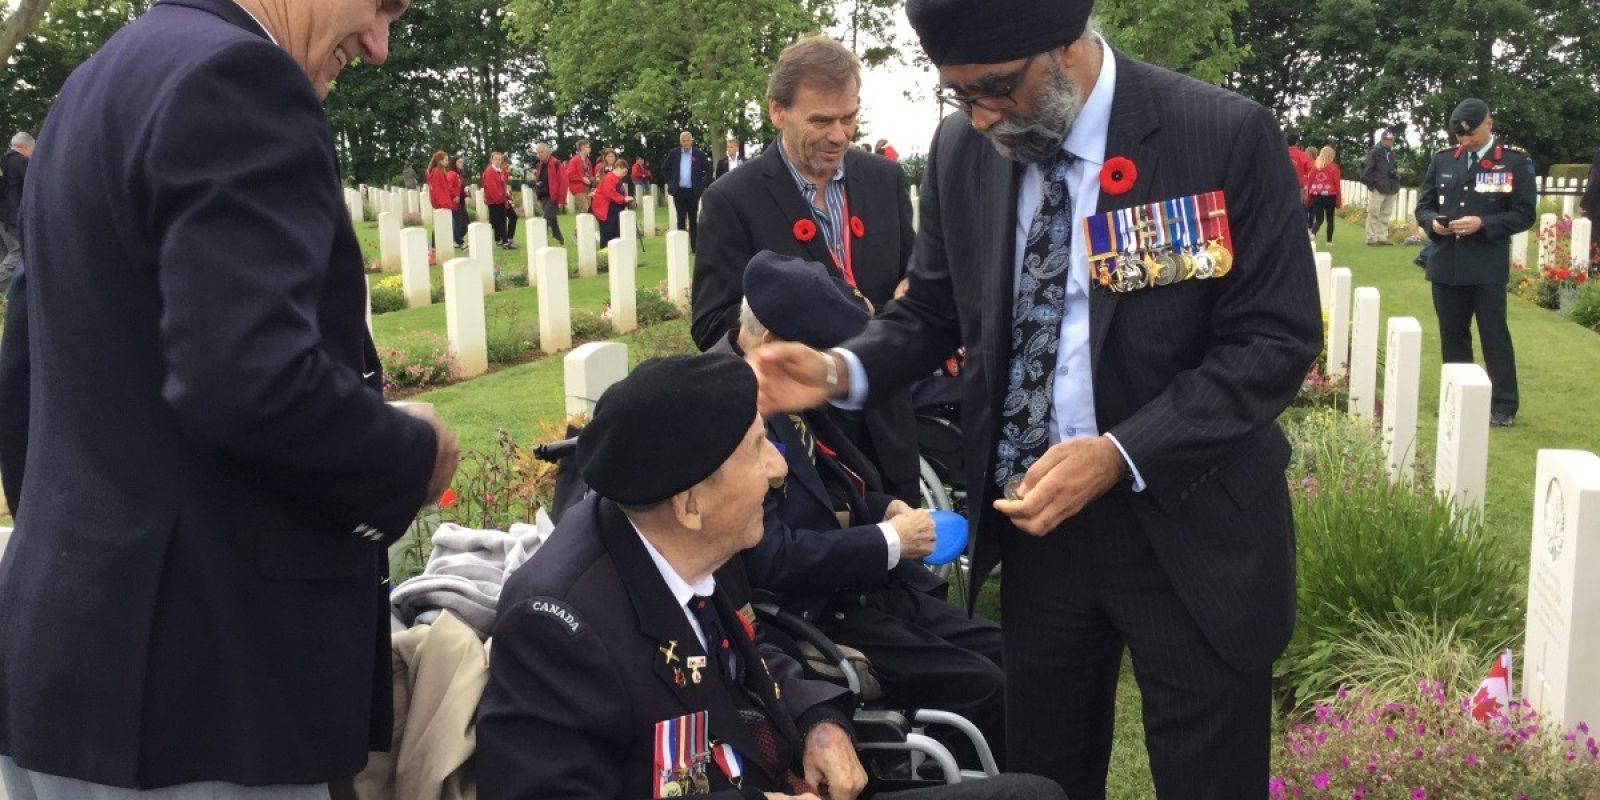 Sid Cole tijdens een D-Day plechtigheid in Normandië op 5 juni 2019, in gesprek met Harjit Sajjan, de Canadese minister van defensie. (Archief Sid Cole)